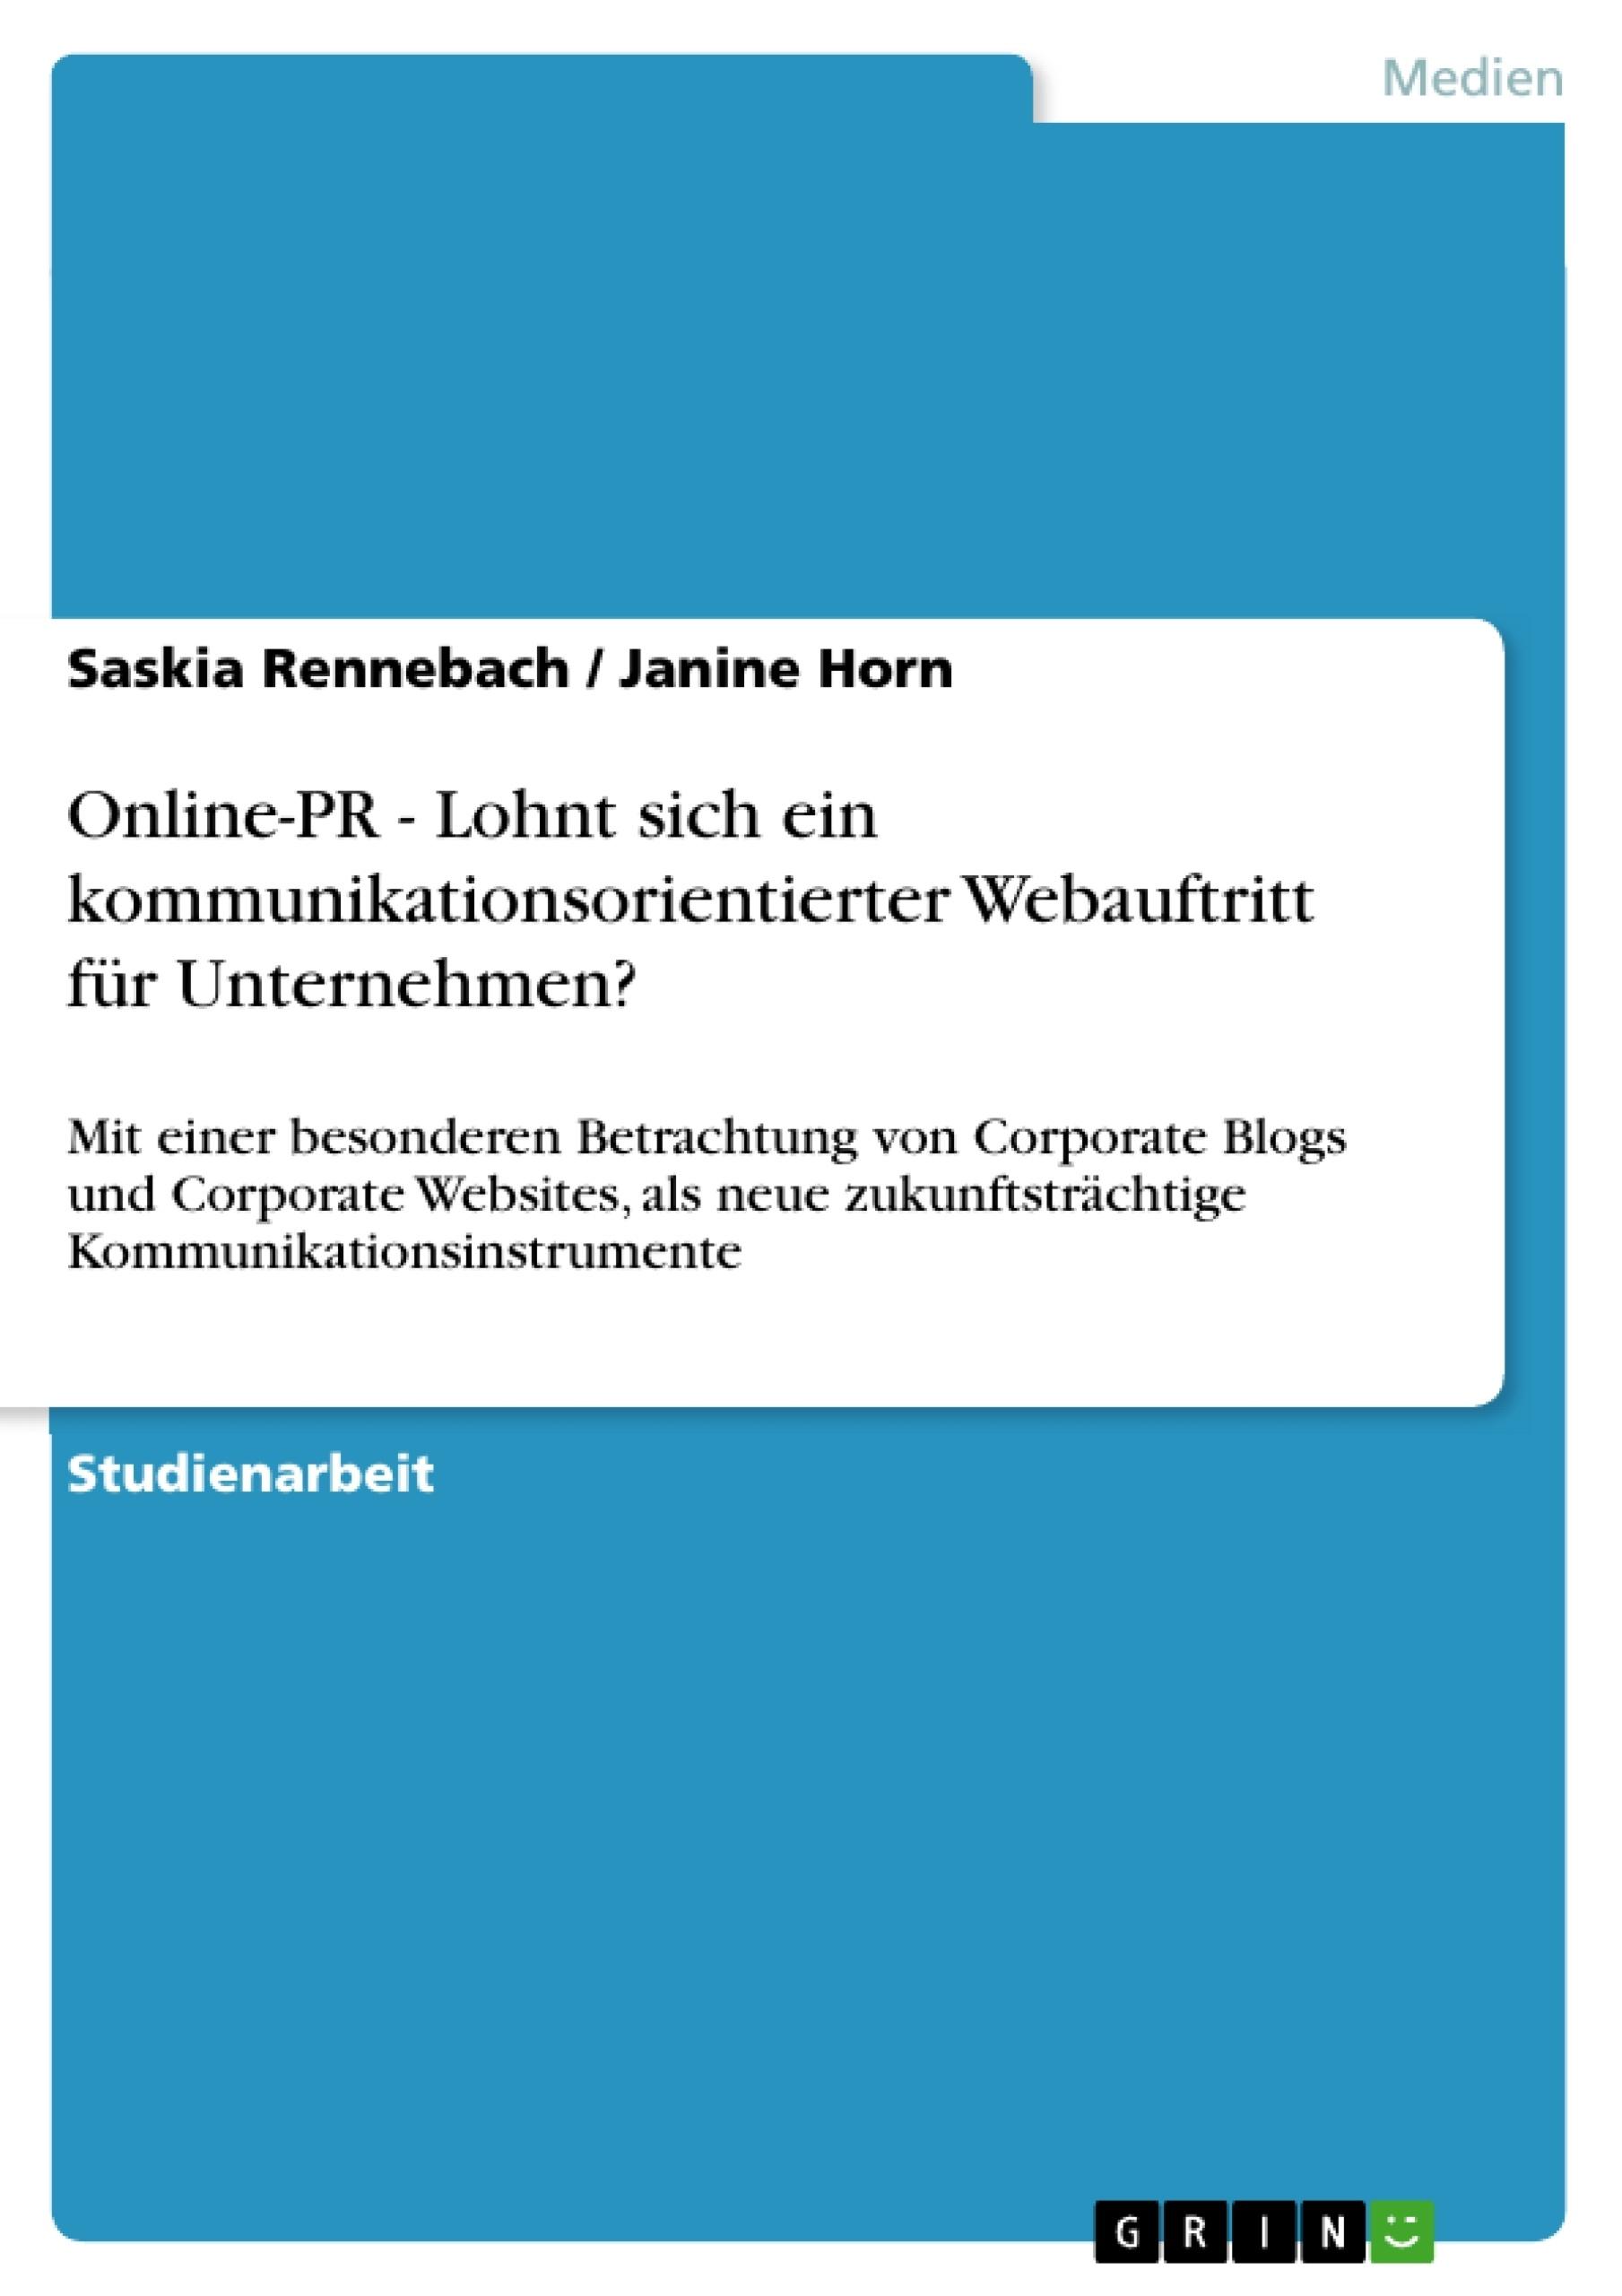 Titel: Online-PR - Lohnt sich ein kommunikationsorientierter Webauftritt für Unternehmen?